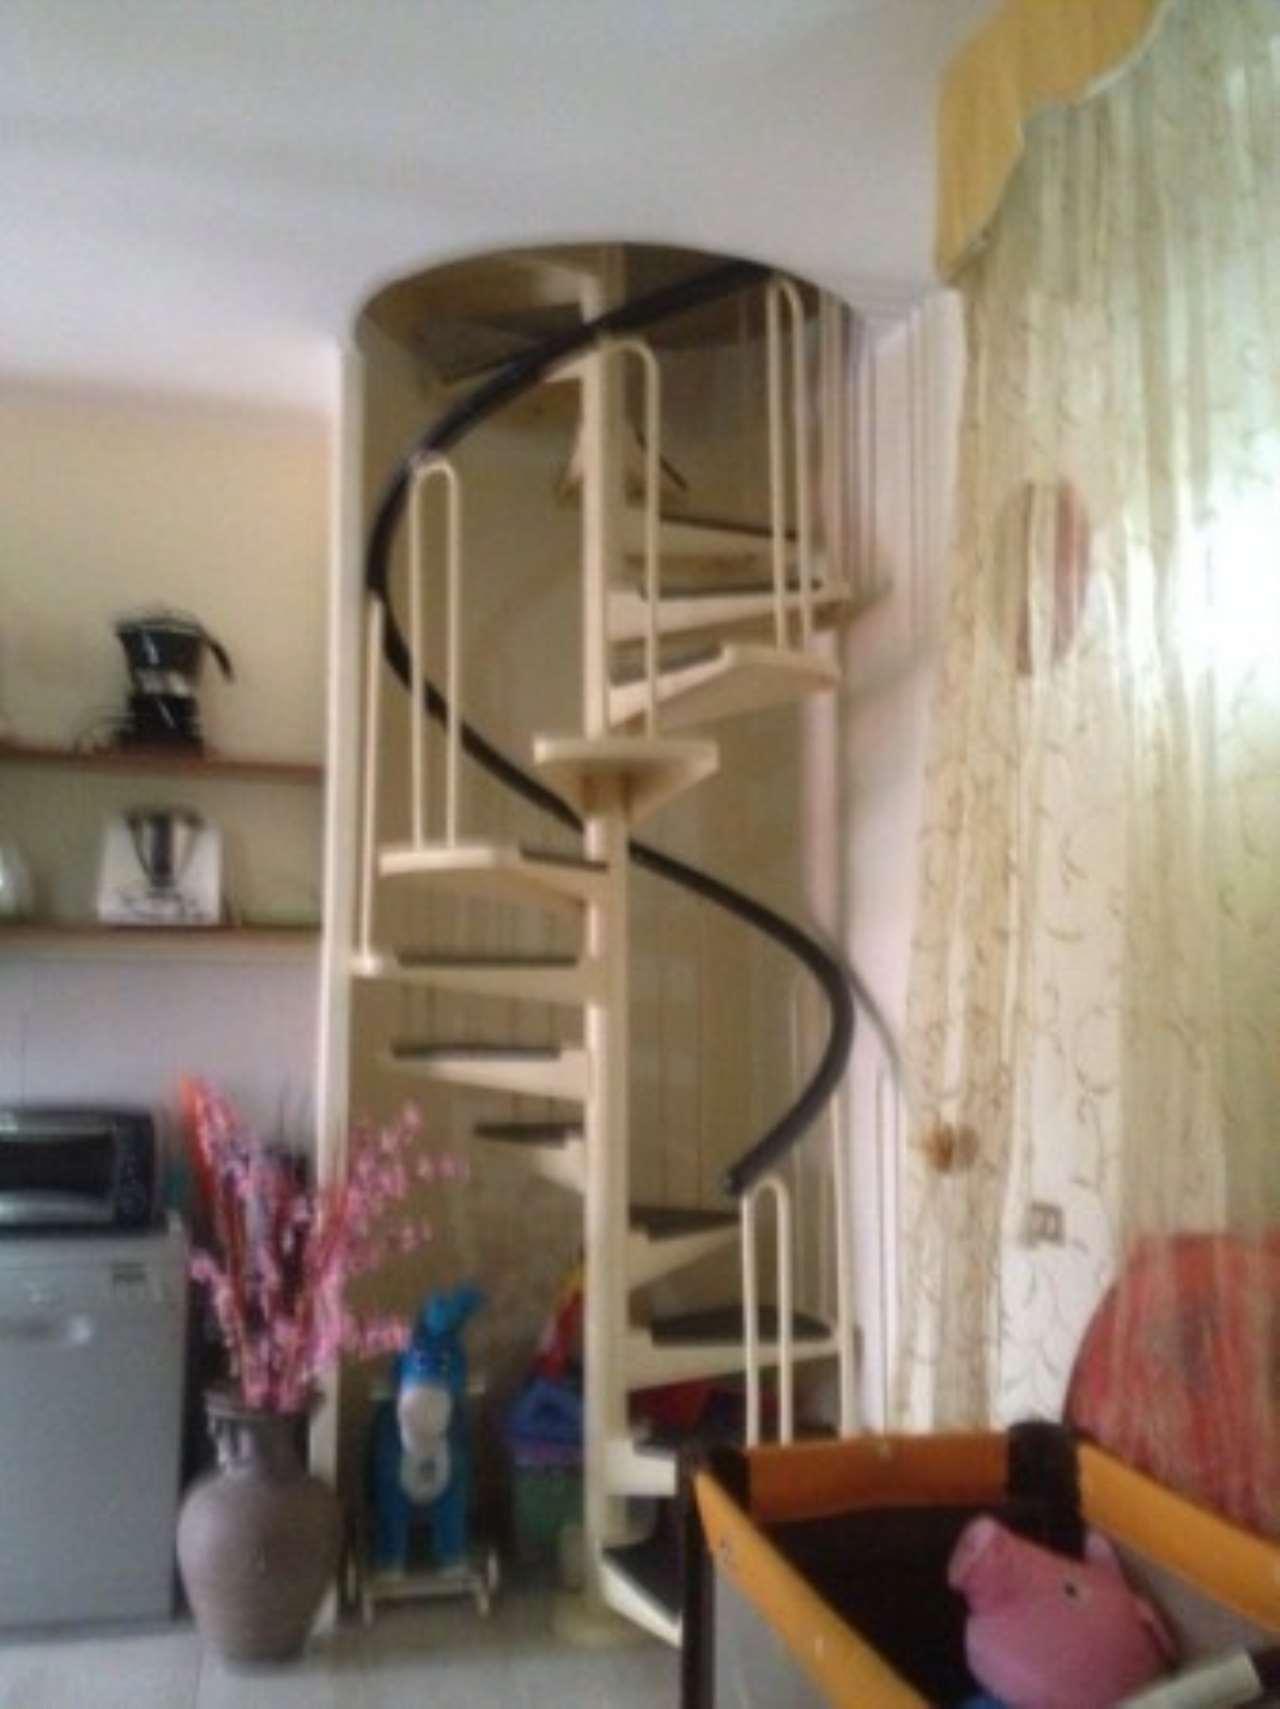 Appartamento in vendita a Palma Campania, 3 locali, prezzo € 55.000 | PortaleAgenzieImmobiliari.it